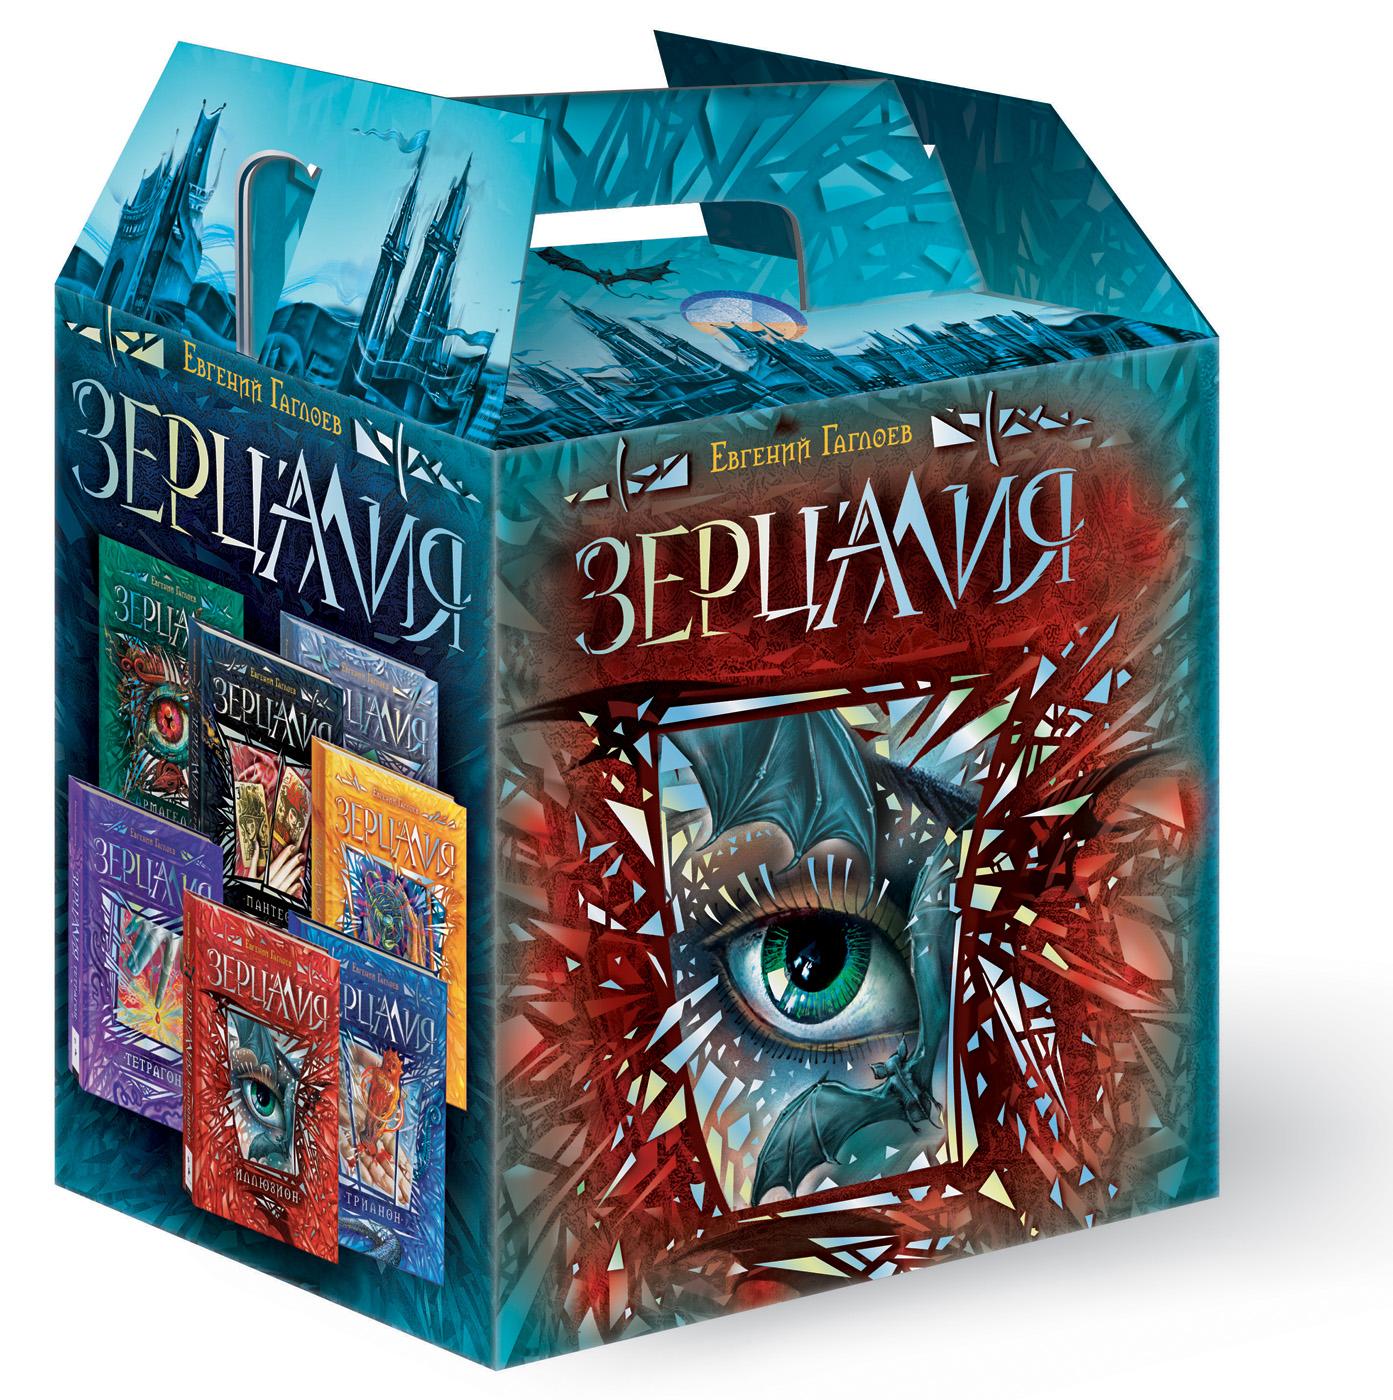 Зерцалия. Подарочный ком-плект из 7 книг е гаглоев зерцалия комплект из 7 книг постер